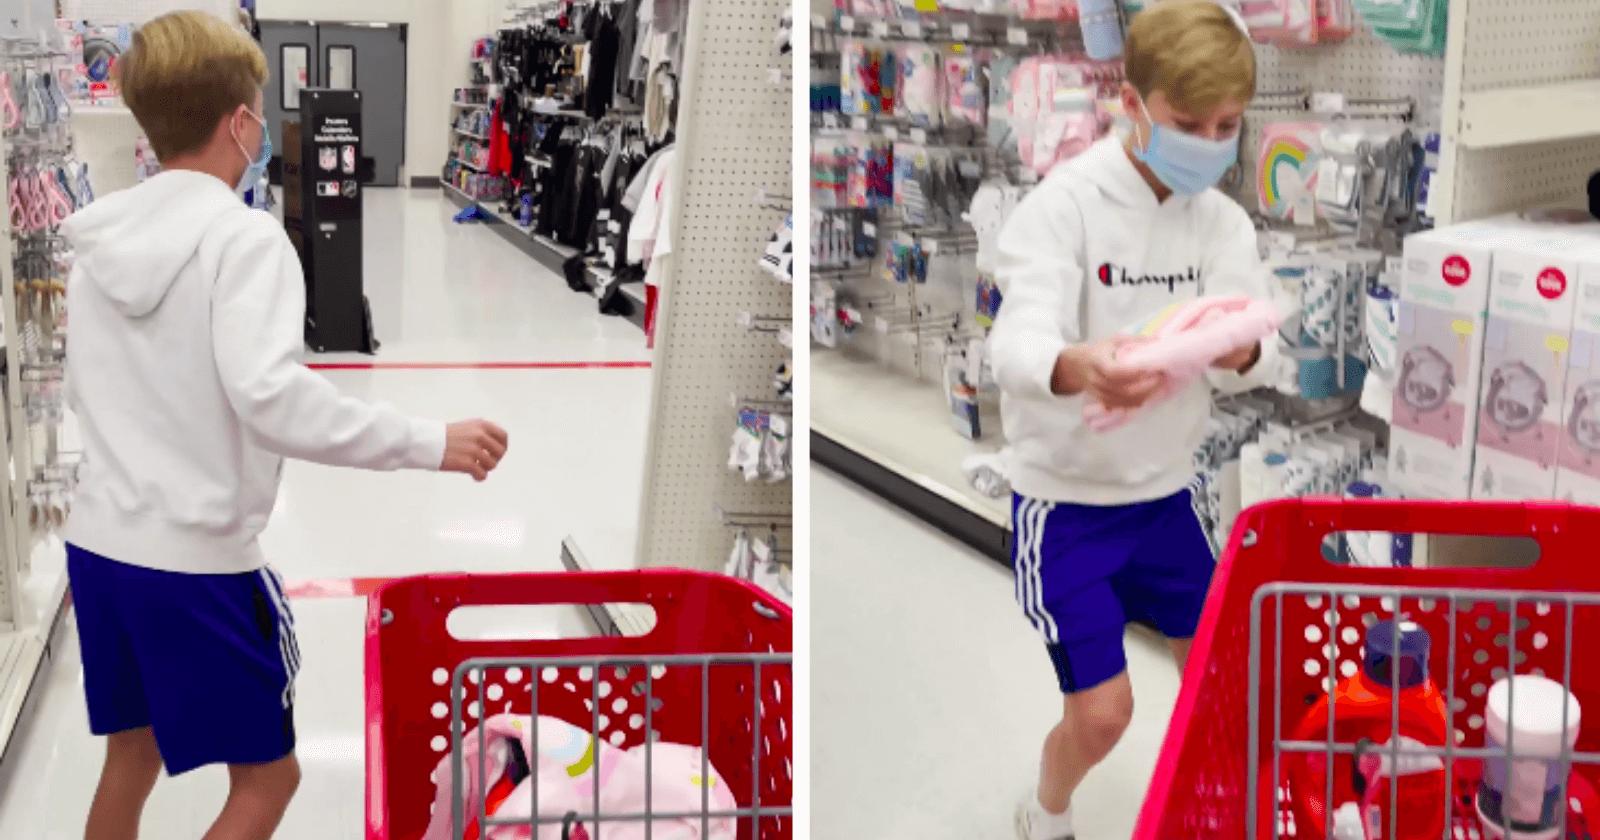 Comediantes pedem para garoto pegar o que quiser em loja e ele emociona a web com o que escolheu